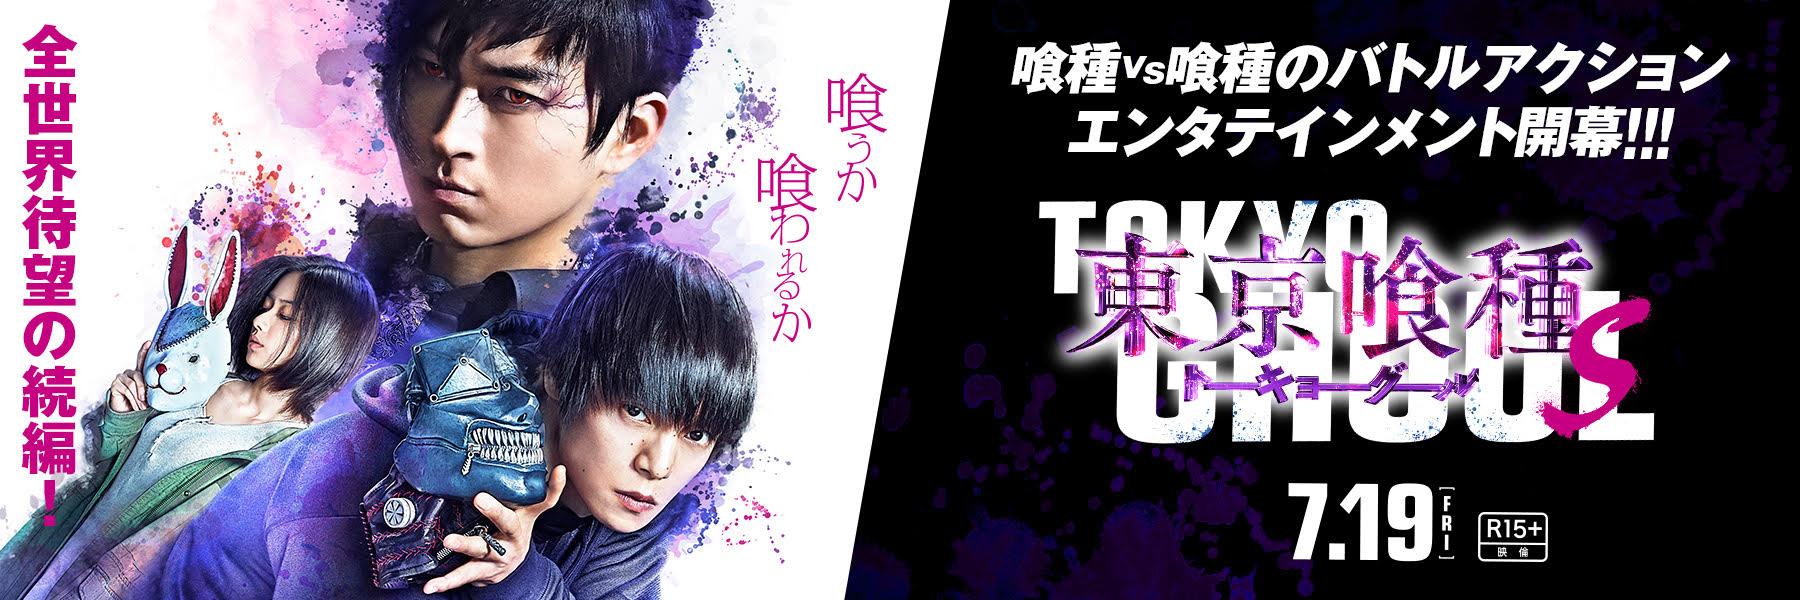 『東京喰種S』映画公式サイト誘導バナー